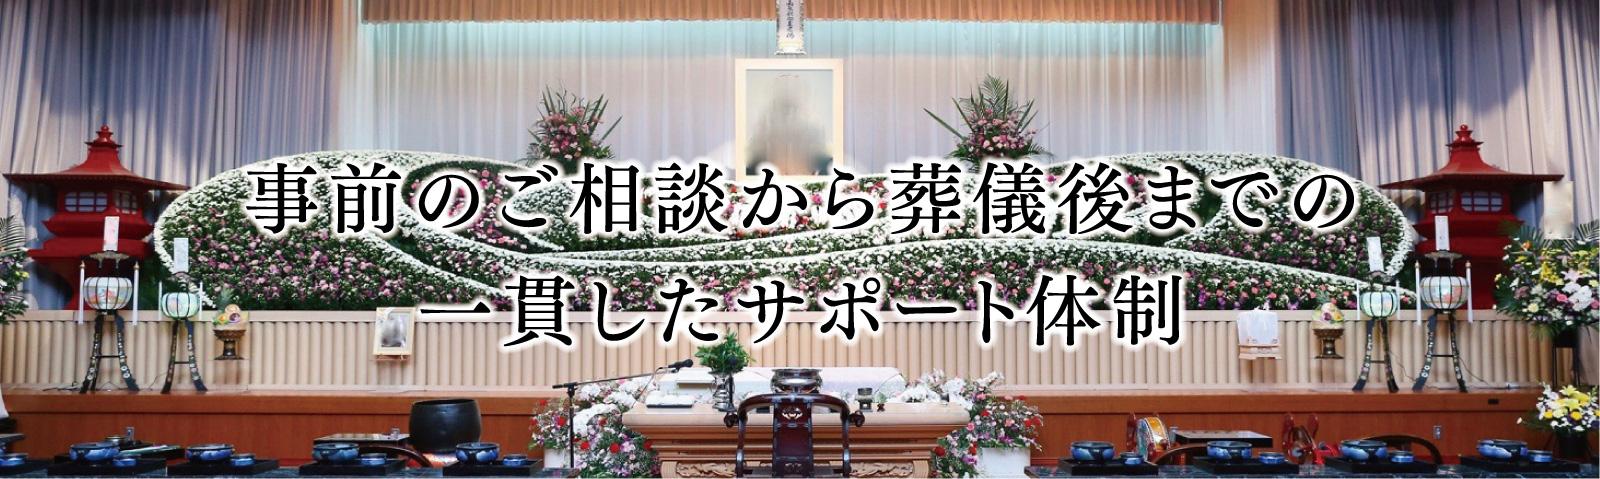 事前のご相談から葬儀後までの一貫したサポート体制